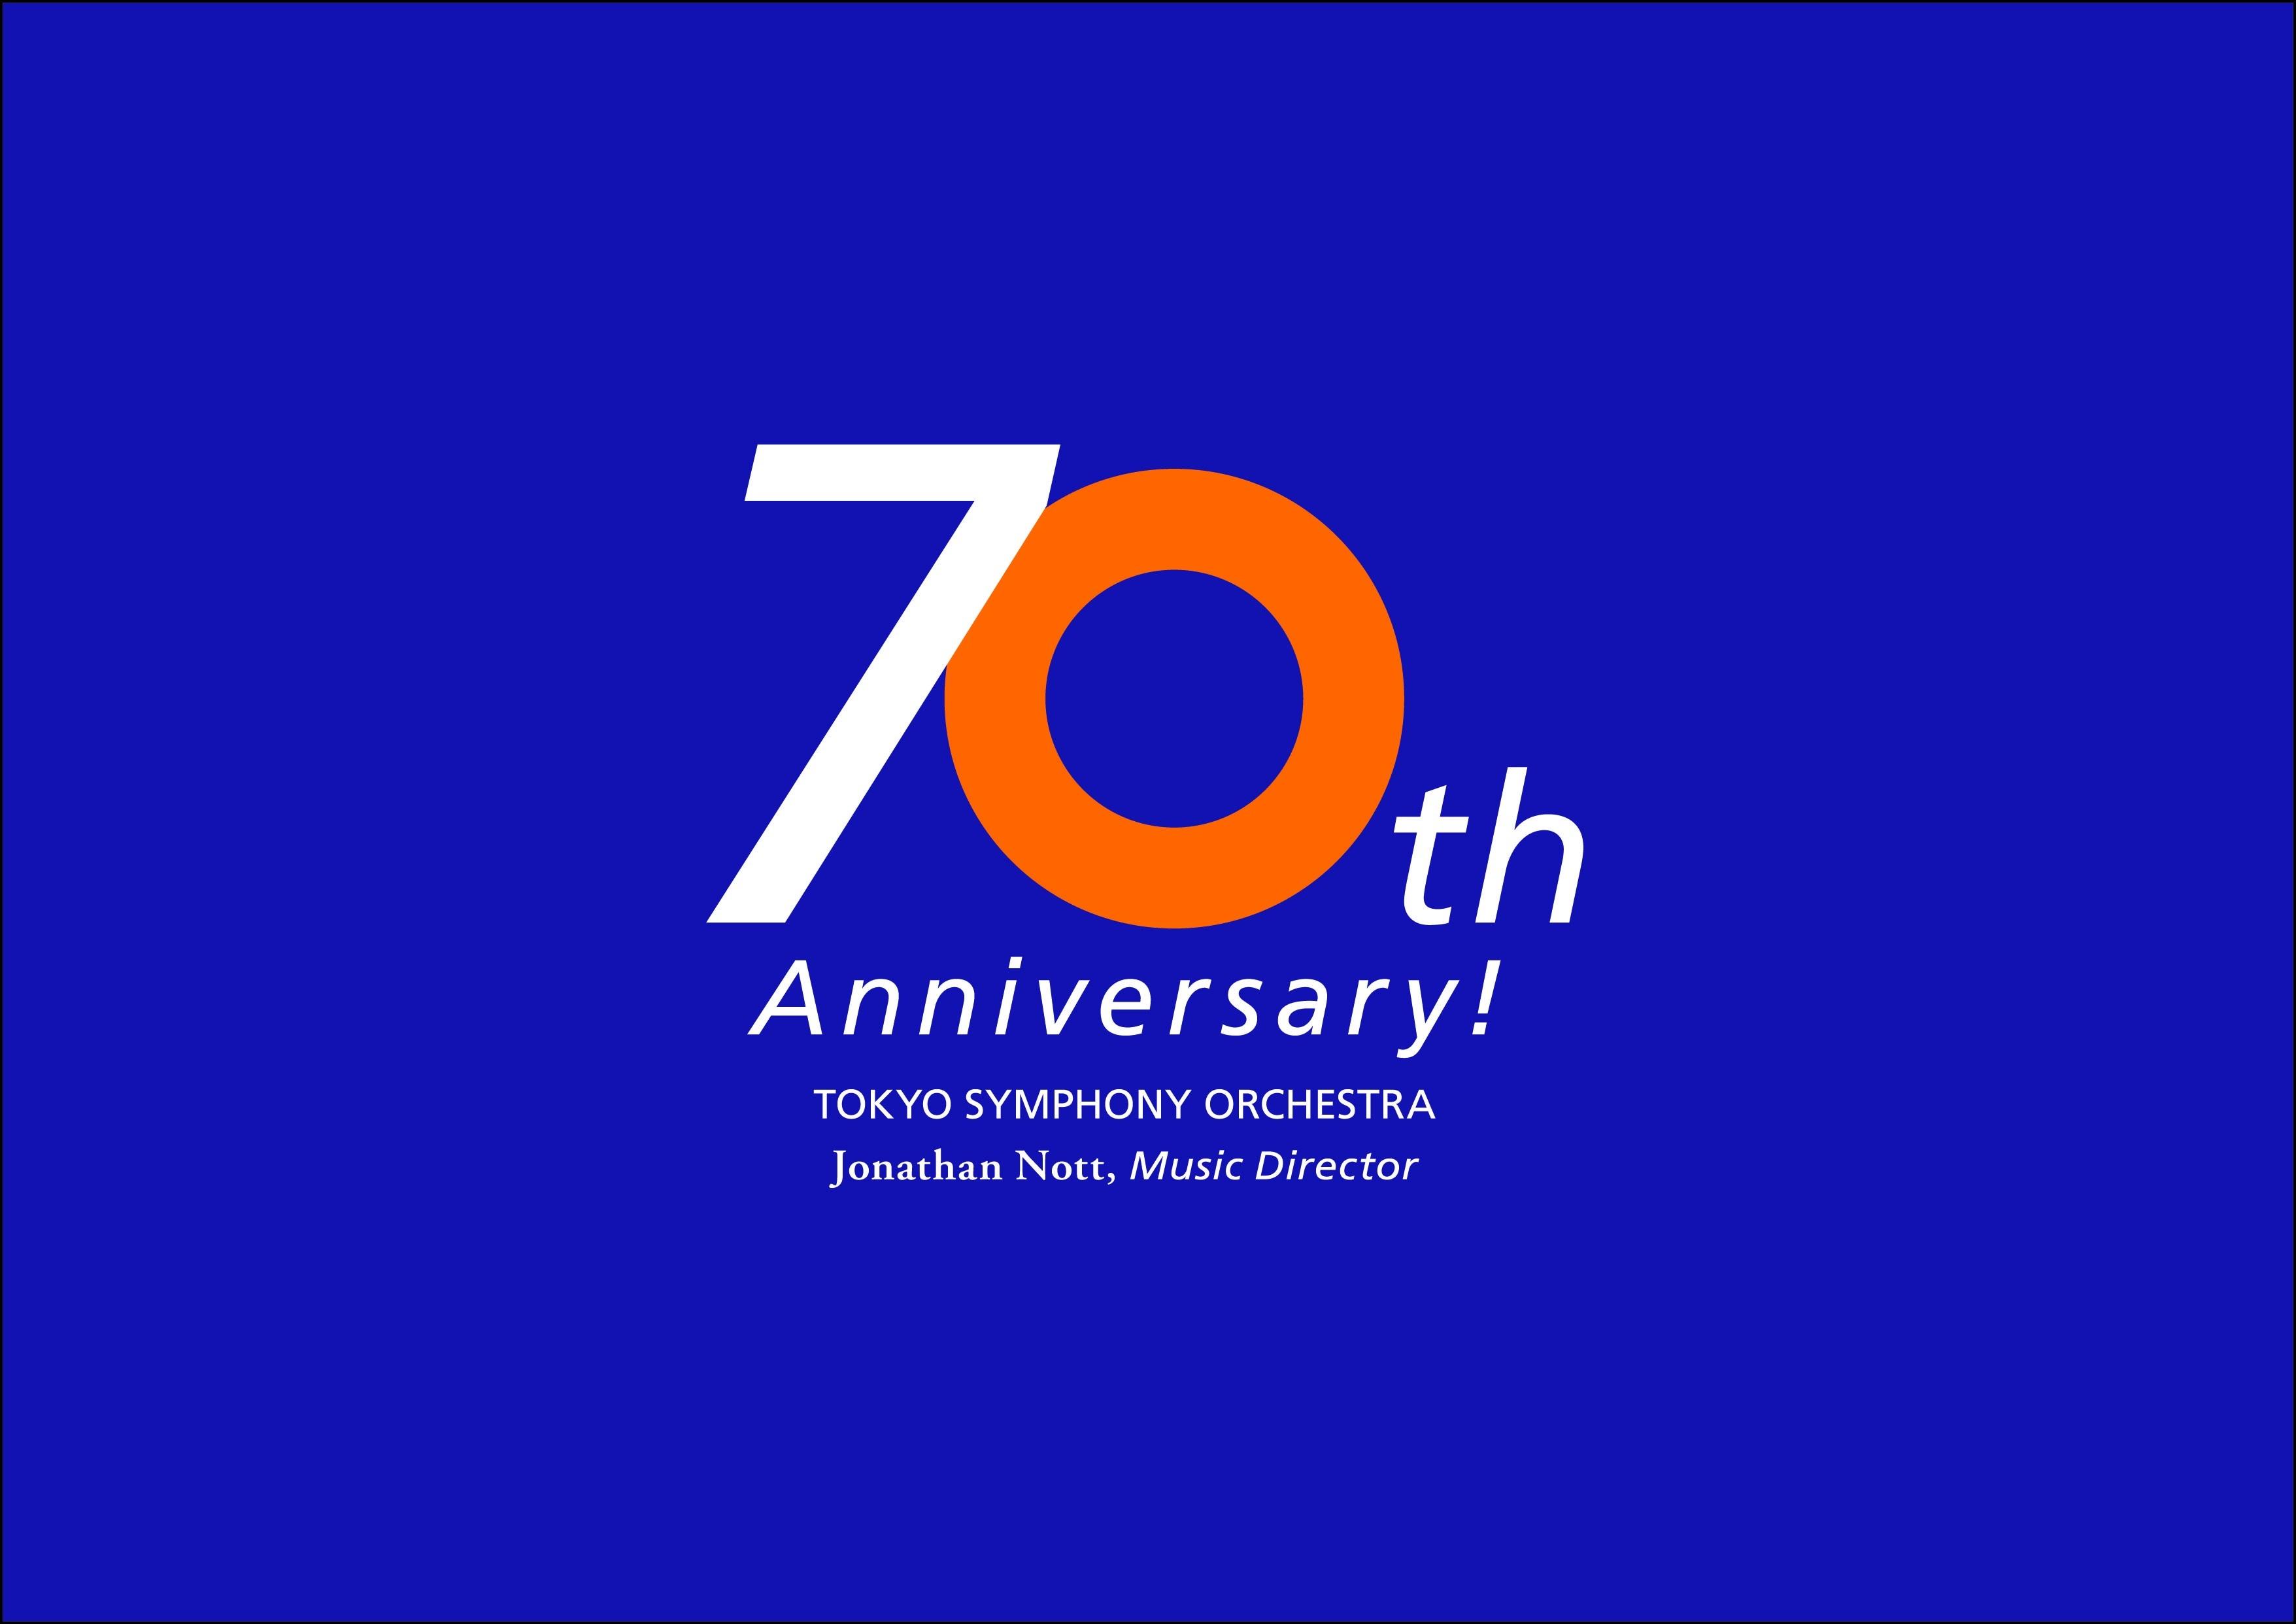 記念すべき70周年を飾る数多くの注目の公演がまだまだ用意されている